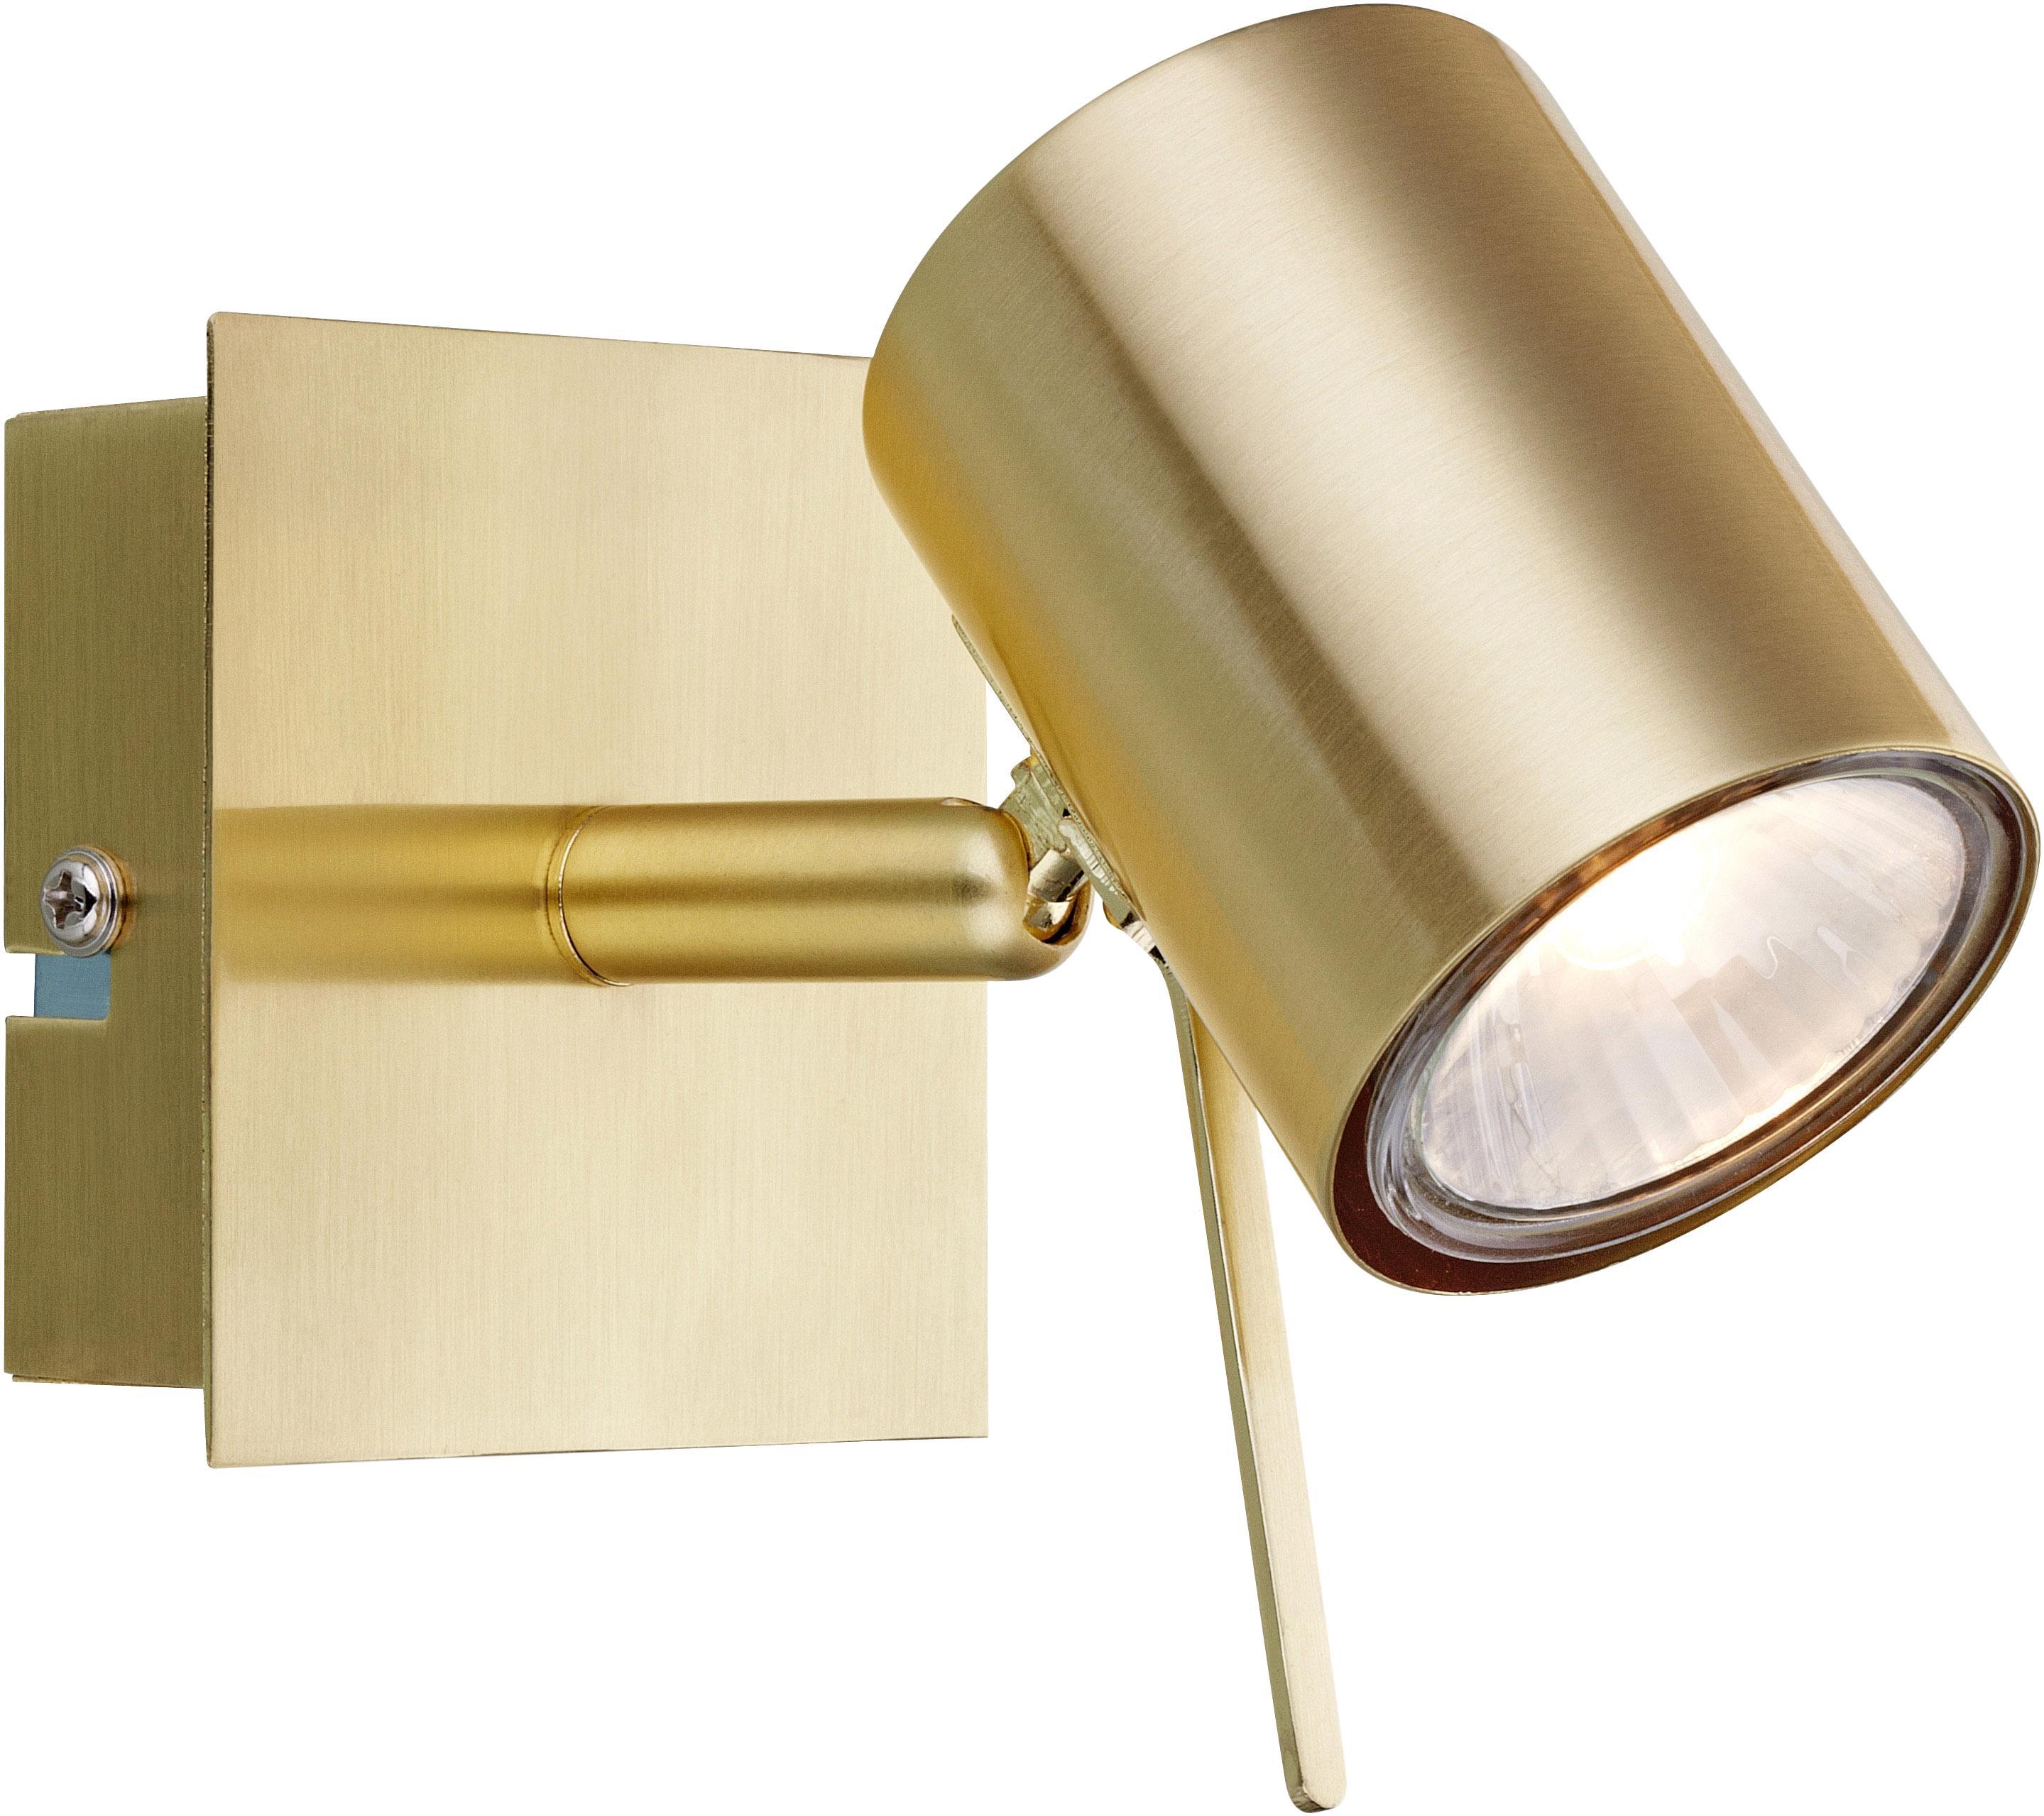 LED wandlamp Hyssna met stekker, Vermessingd en geborsteld metaal, Messingkleurig, 8 x 9 cm